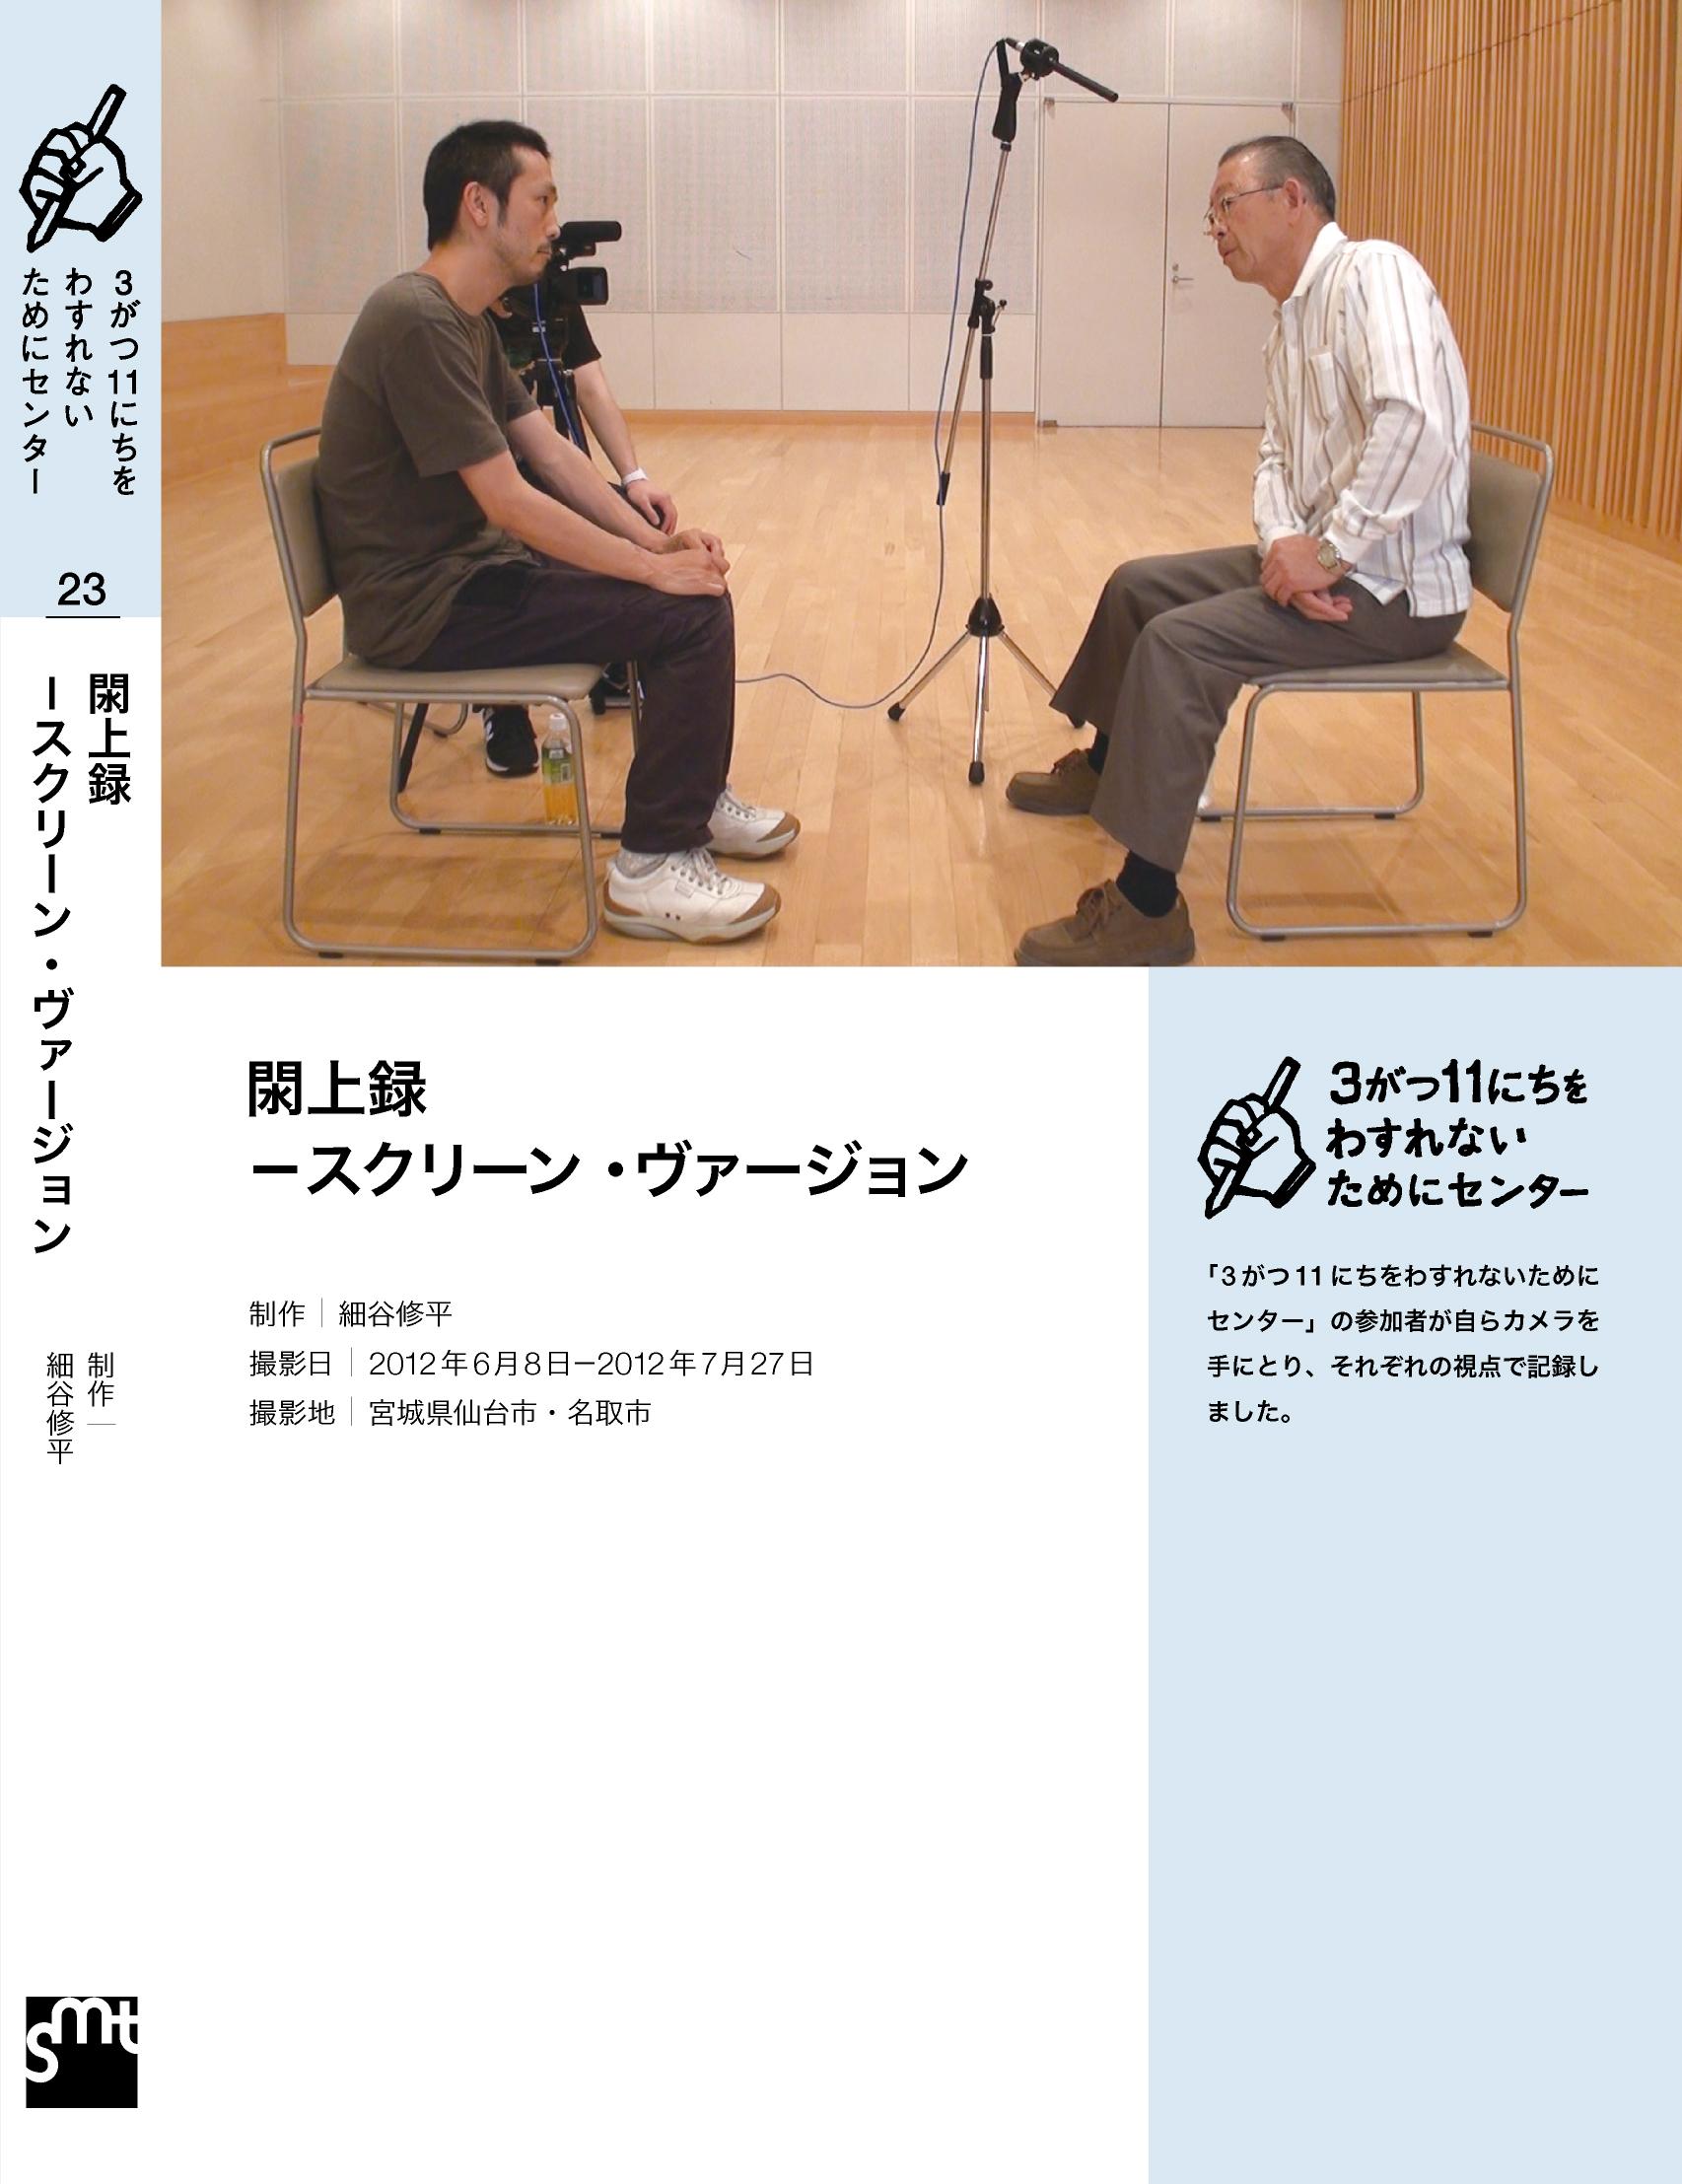 閖上録-スクリーン・ヴァージョン 細谷修平